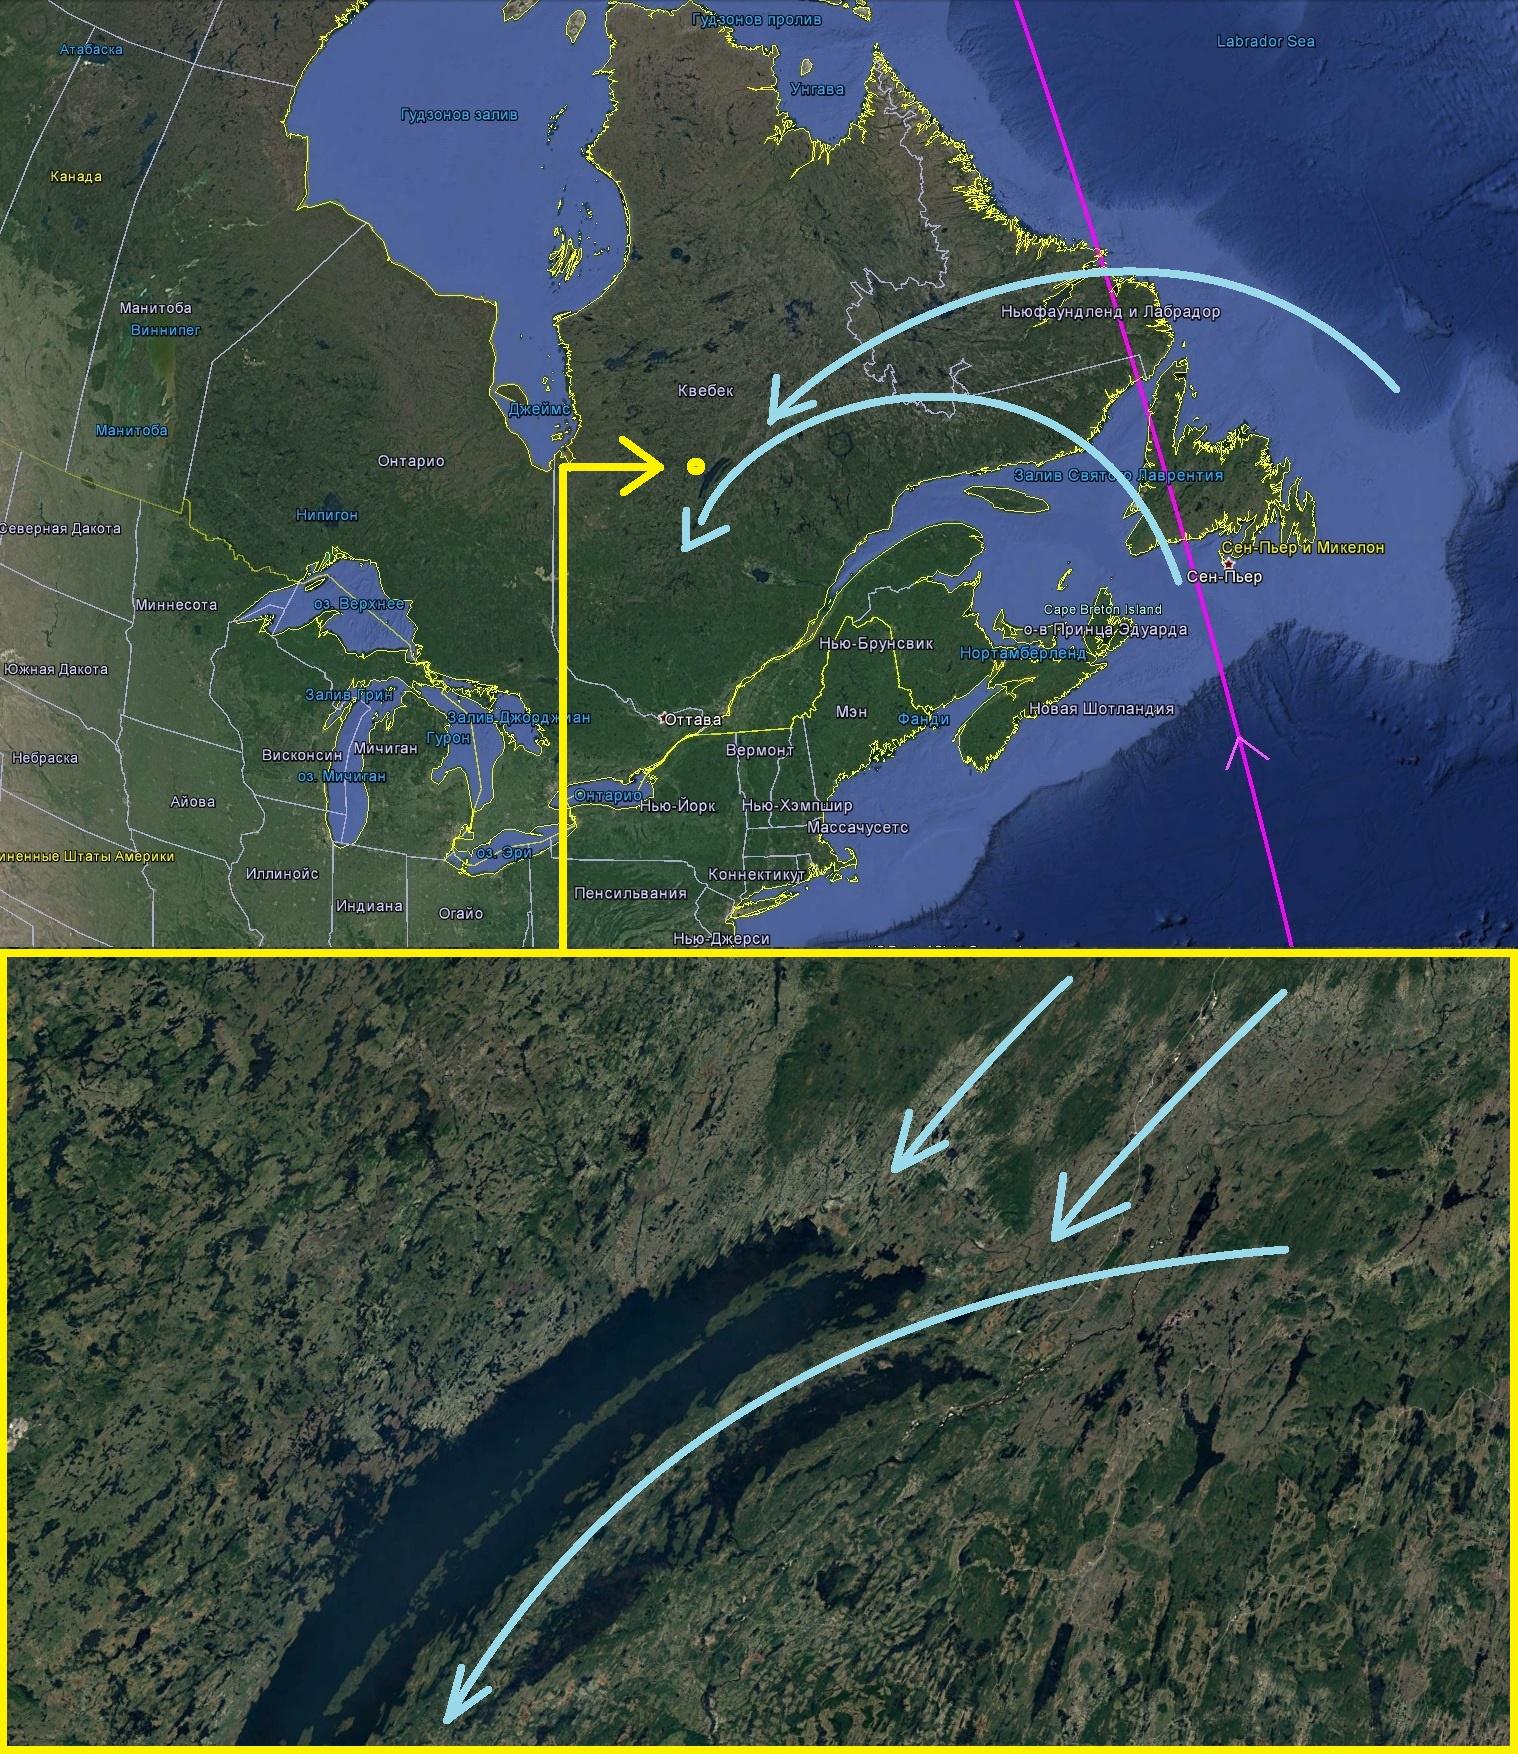 Карта. Сдвиг полюсов. Квебек общий вид 3